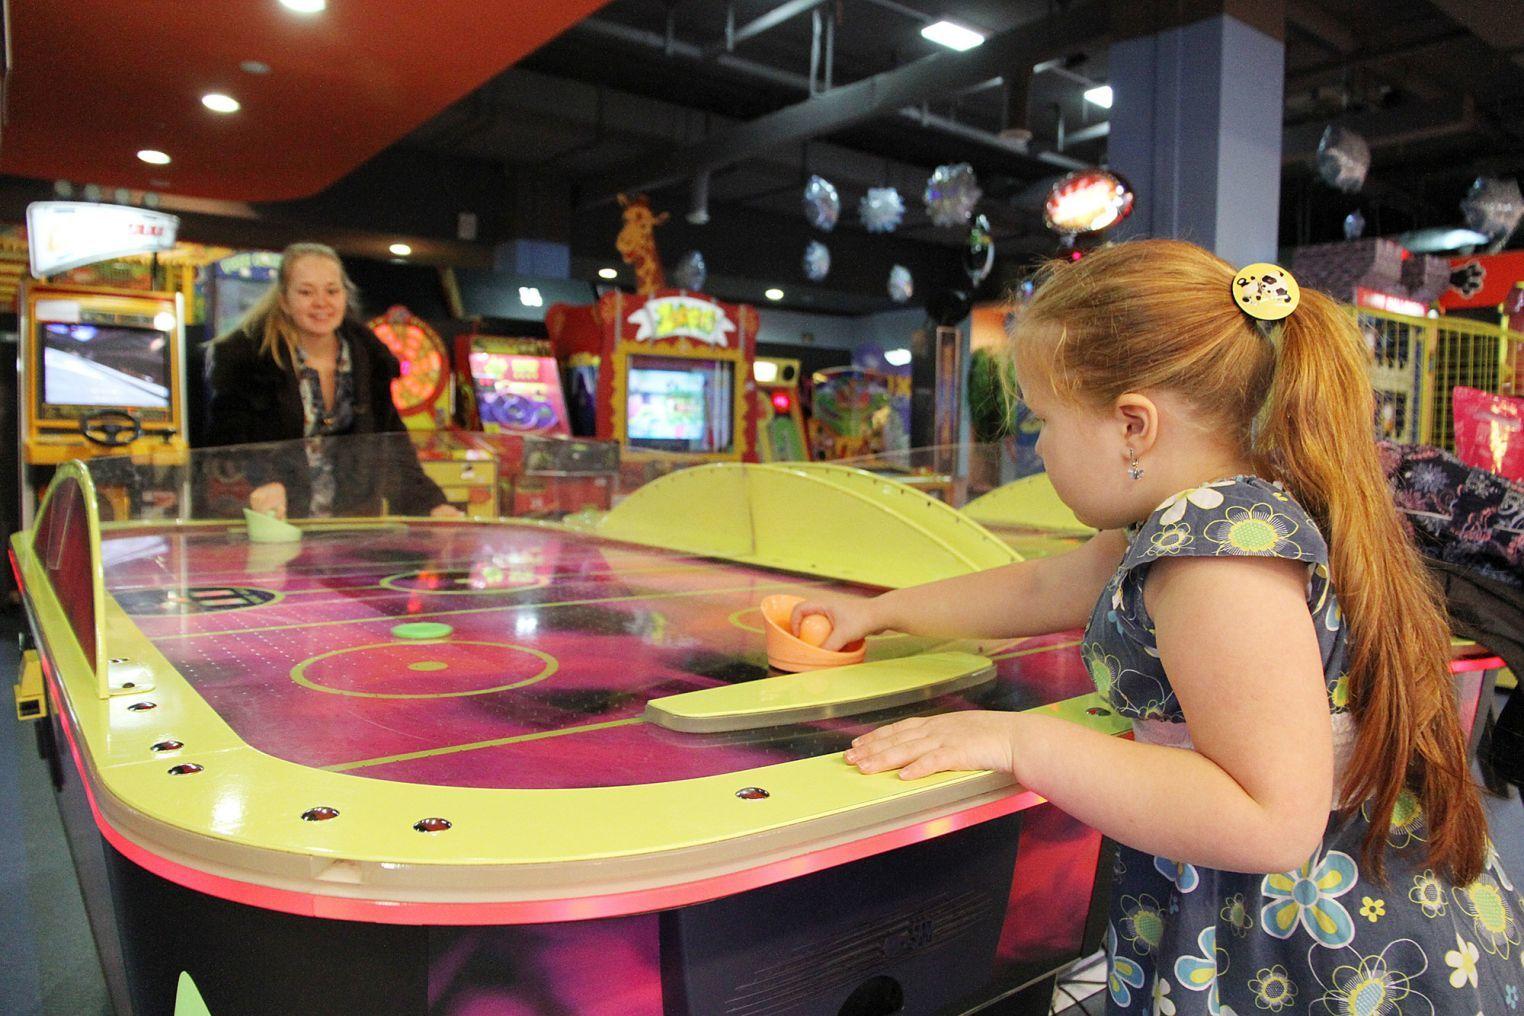 Игровые автоматы для детей ижевск играть онлайн бесплатно в хорошем качестве в игровые автоматы